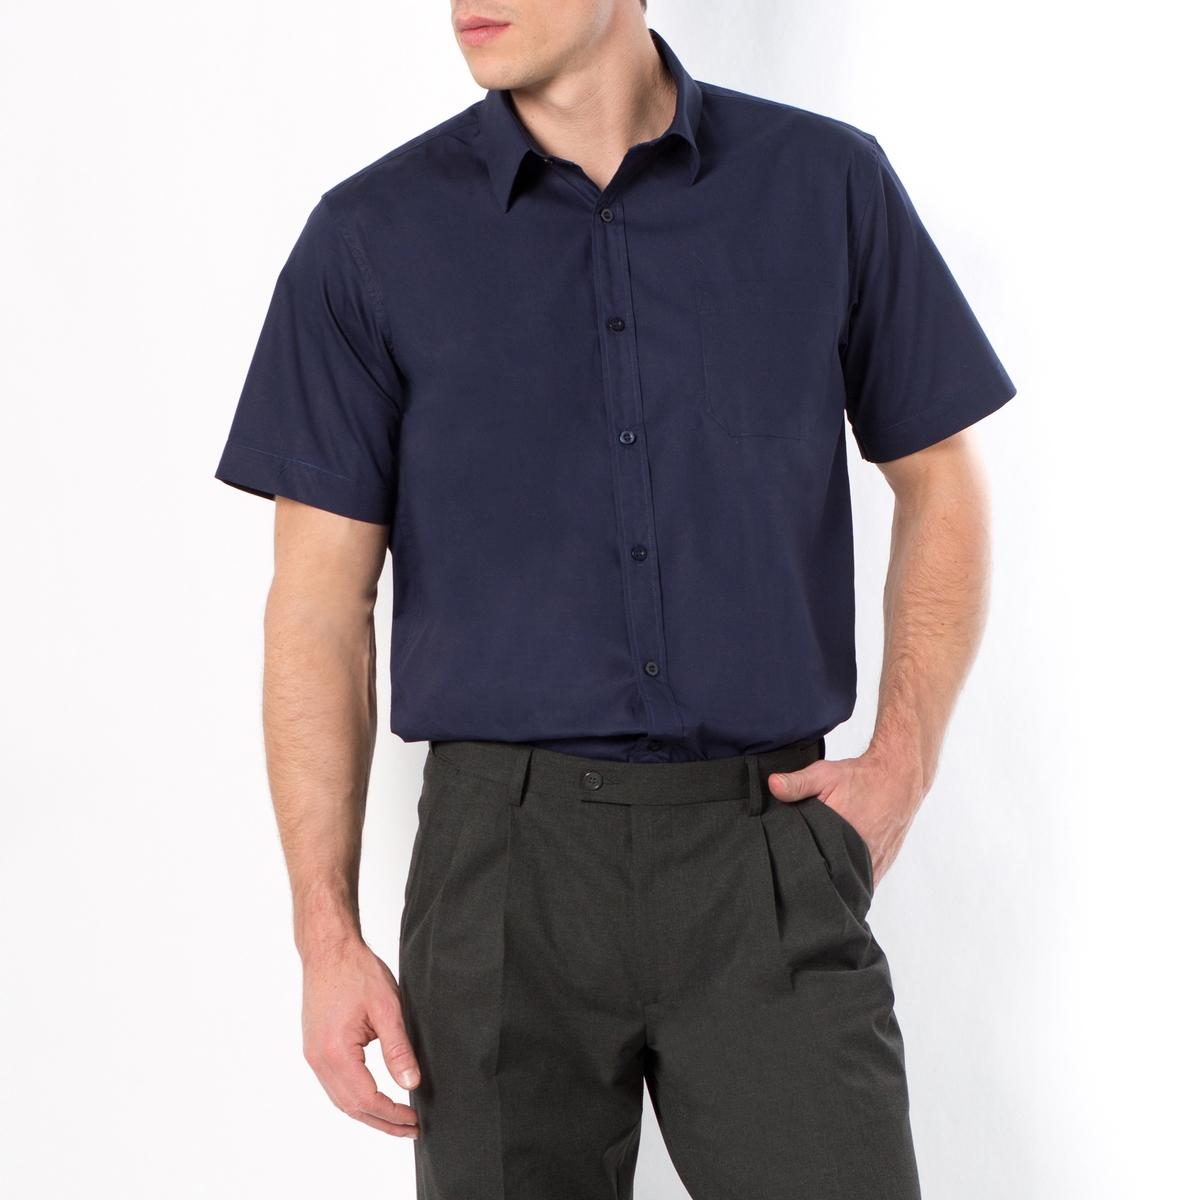 Купить со скидкой Рубашка из поплина с короткими рукавами, рост 3